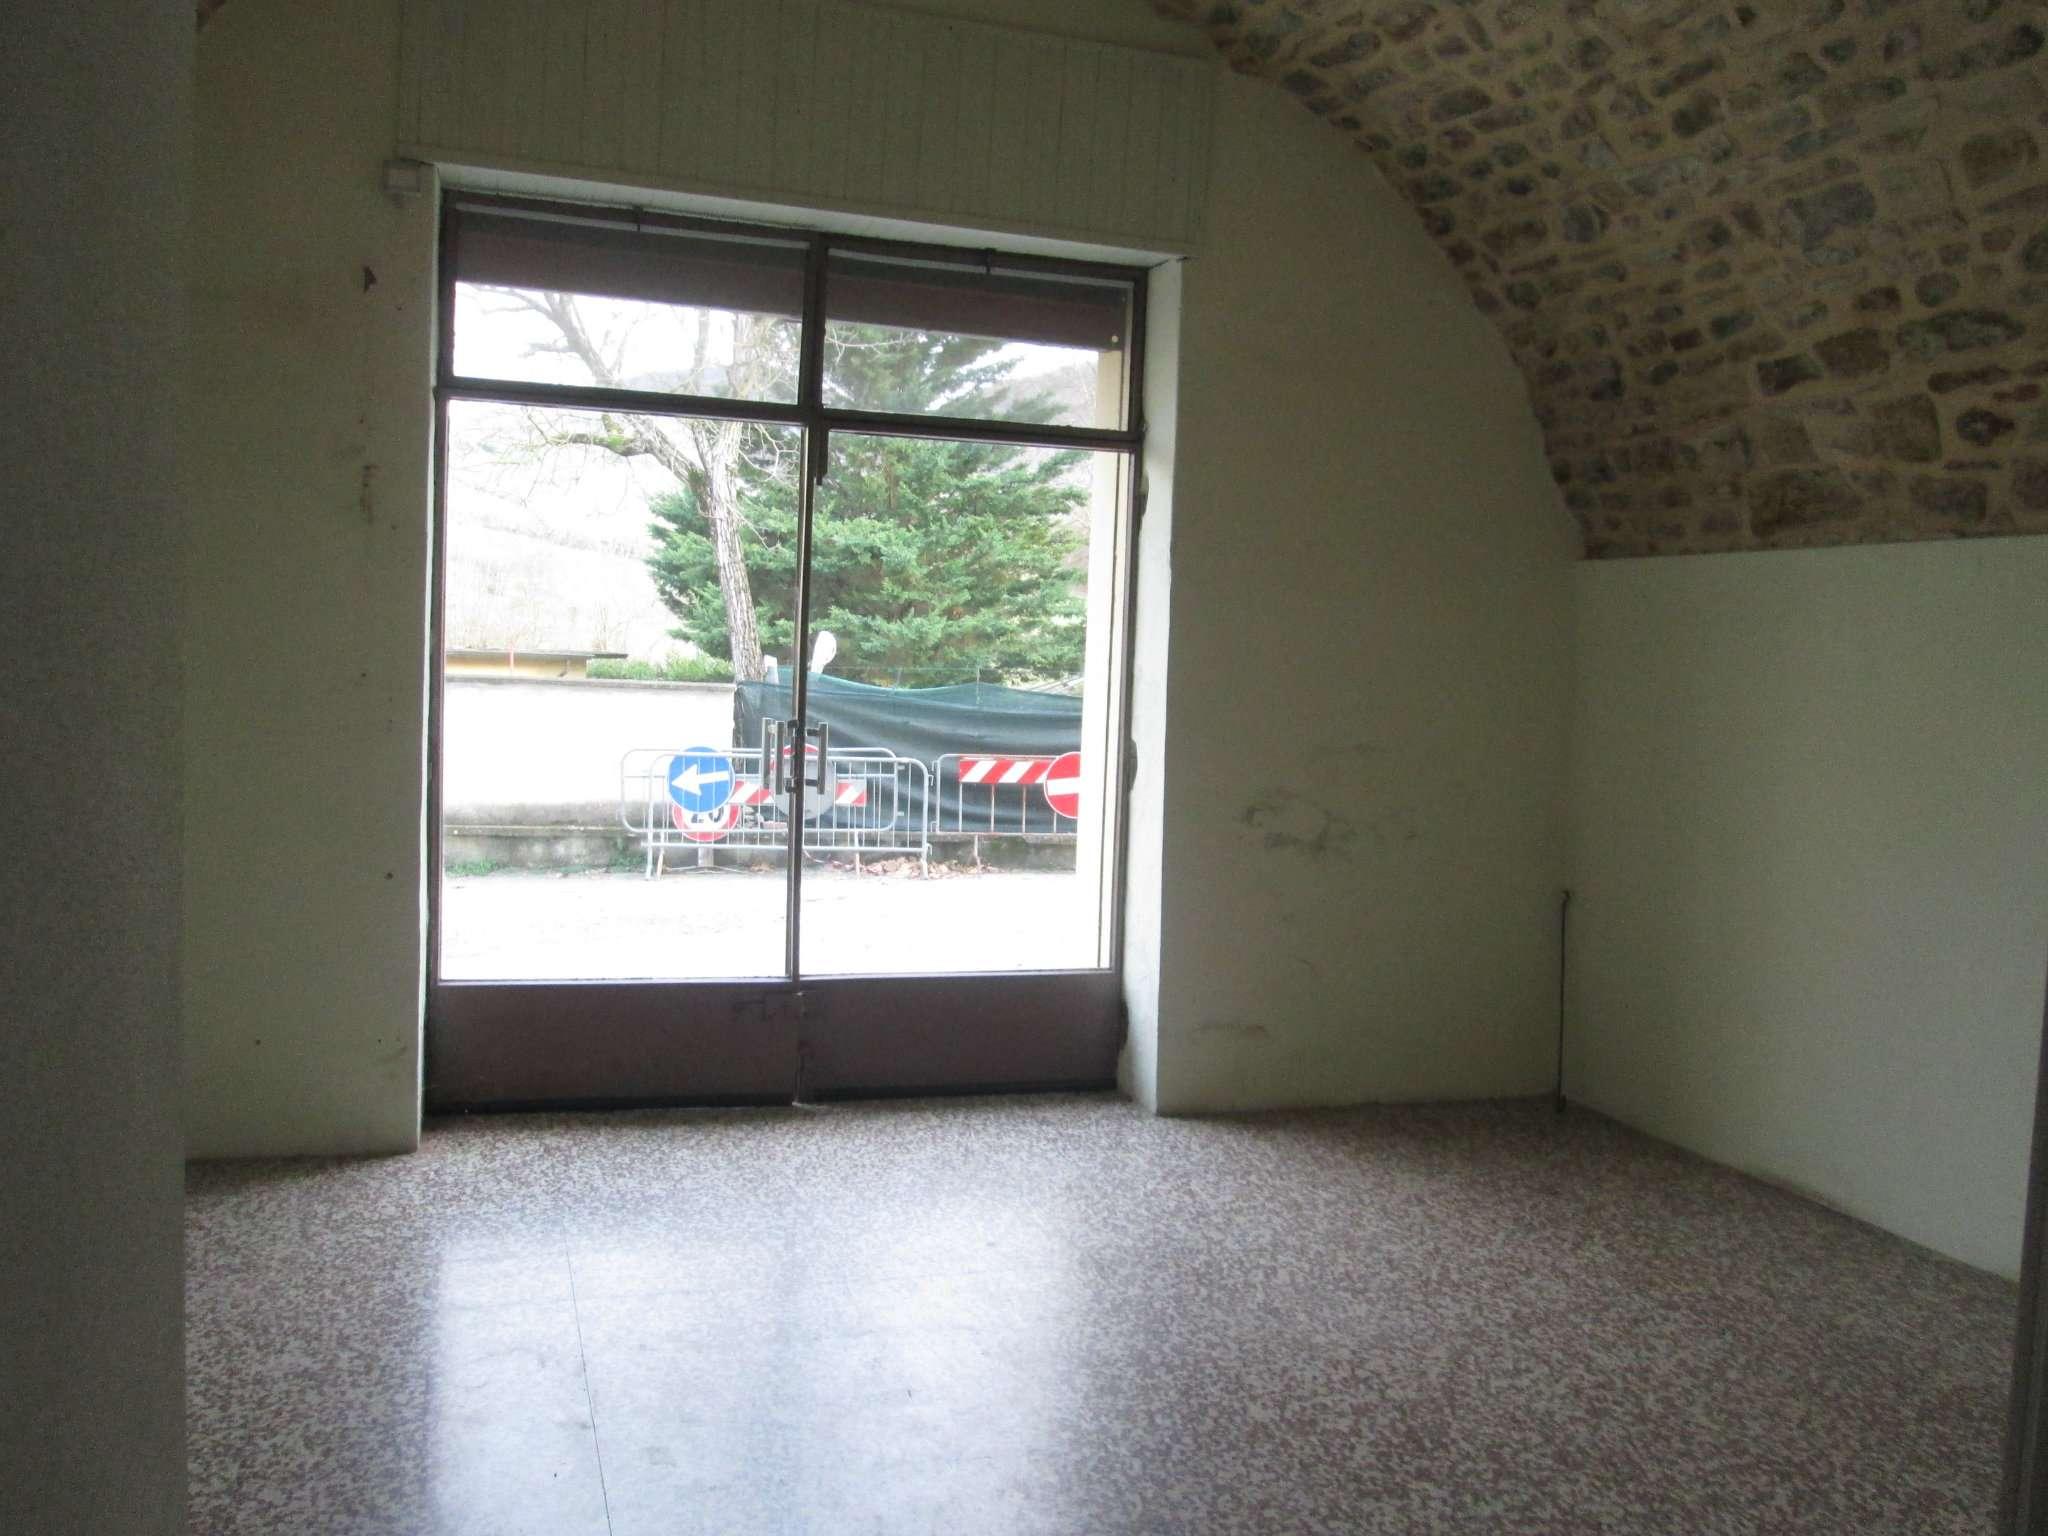 Negozio / Locale in vendita a Fornovo di Taro, 1 locali, prezzo € 15.000 | CambioCasa.it